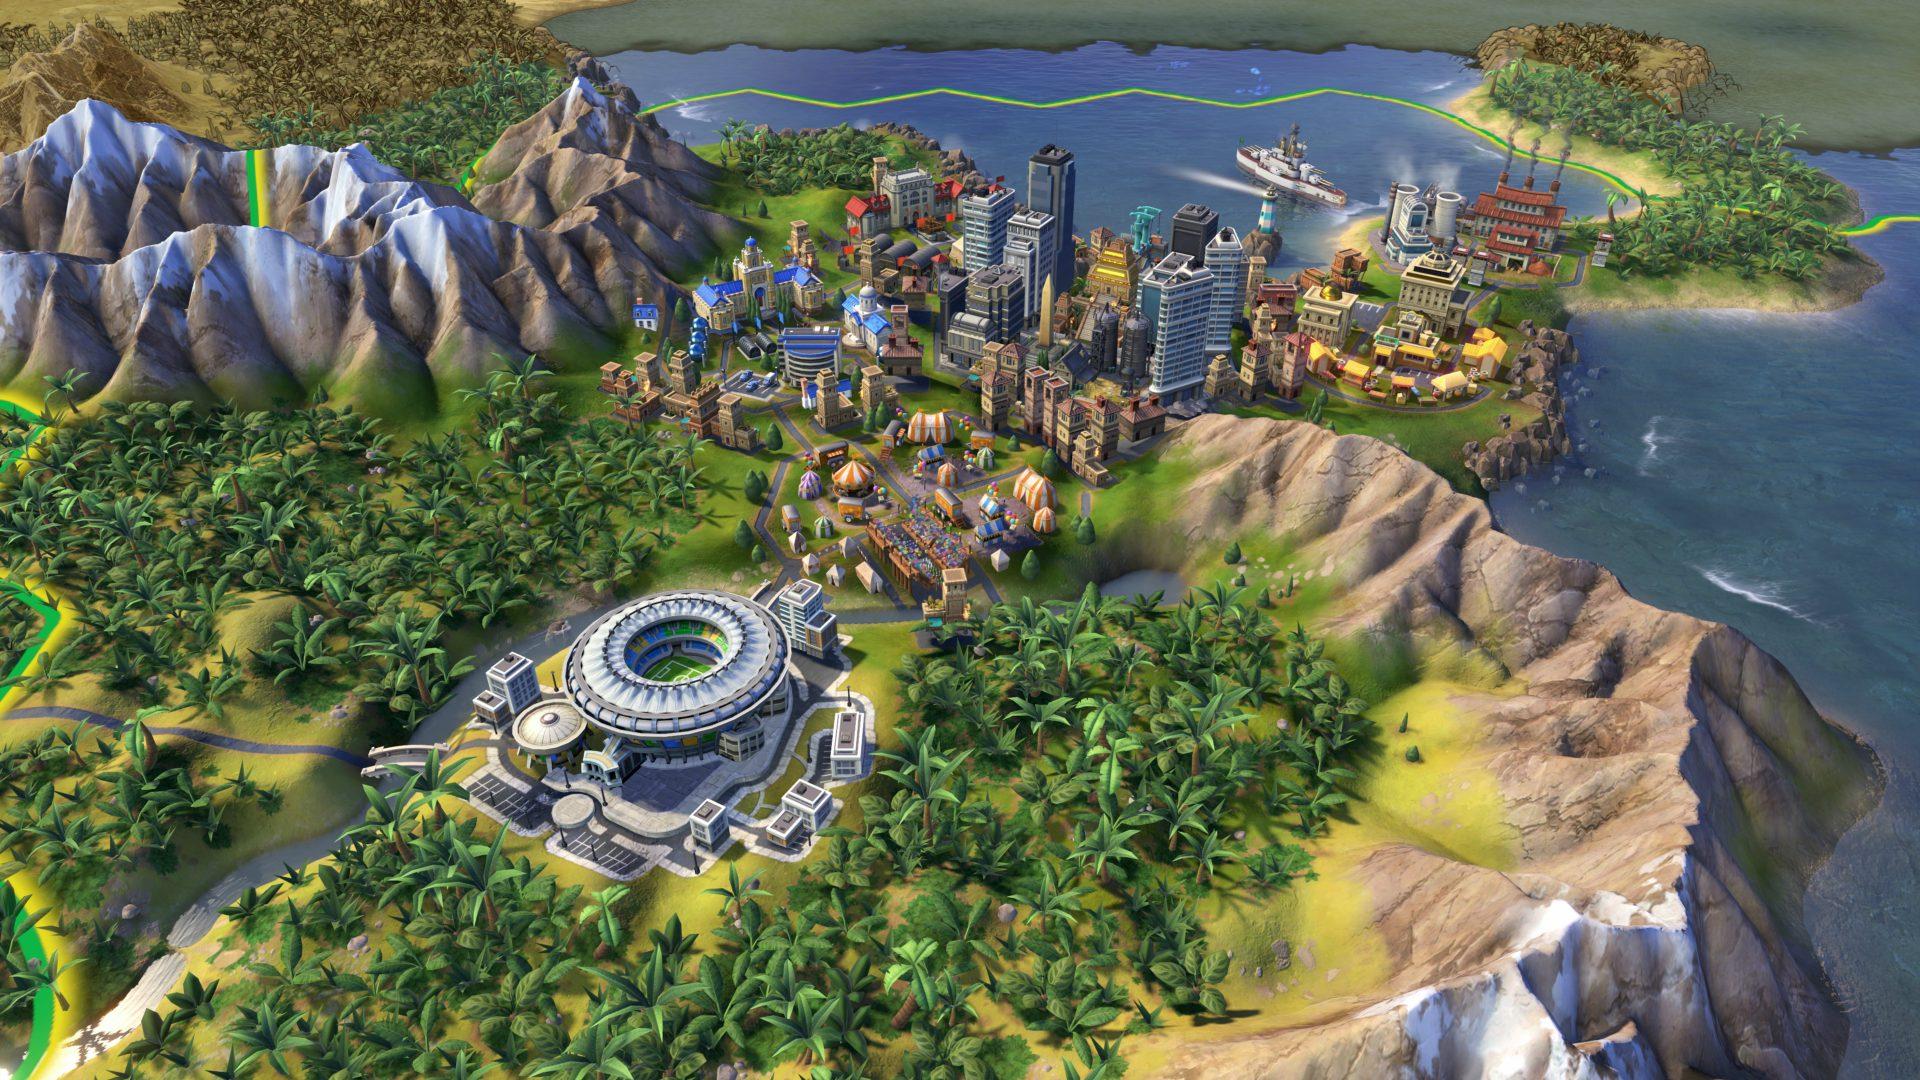 2KGMKT_CivilizationVI_Screenshot_Brazil_Carn_Estada_3